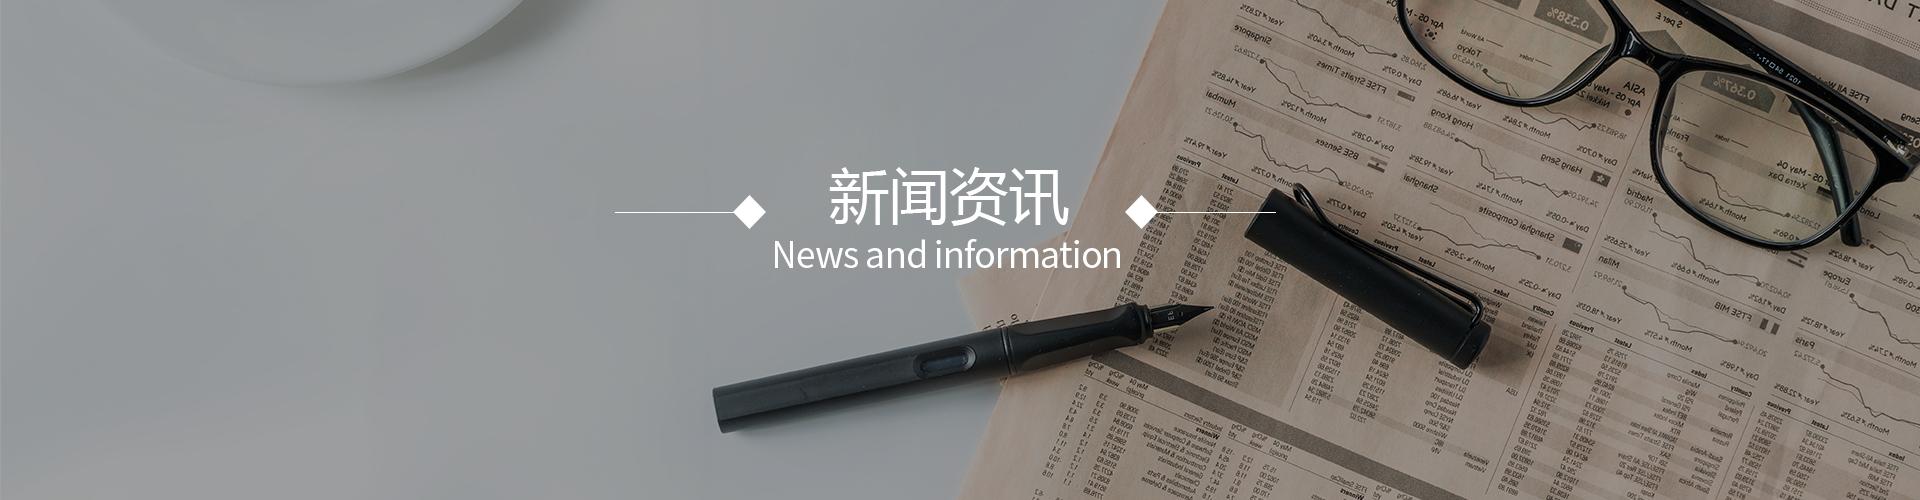 超高频RFID读写器